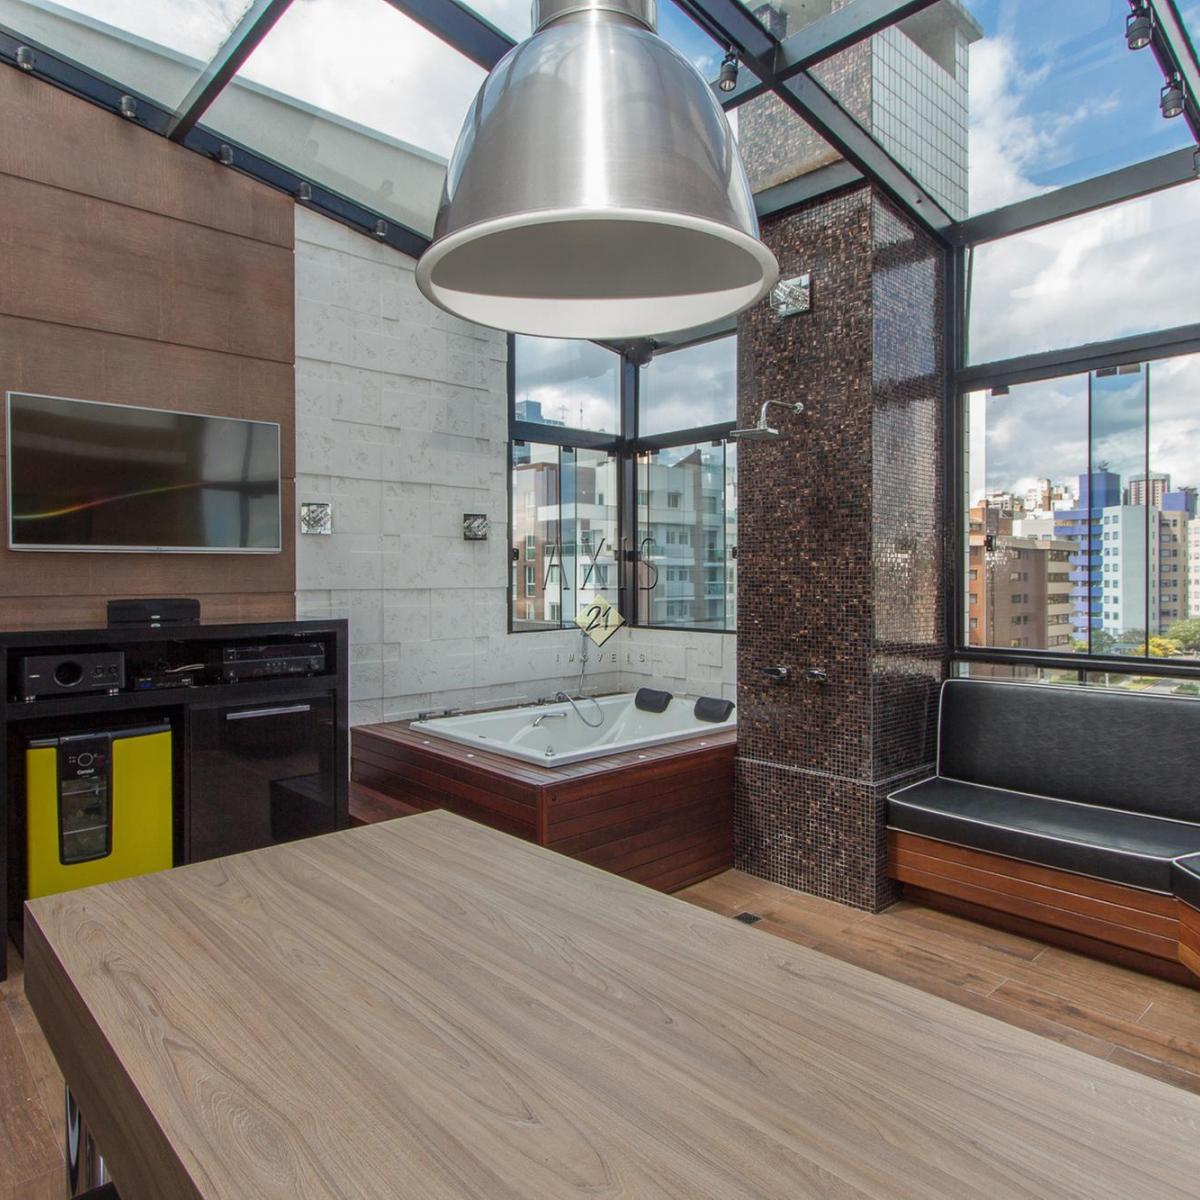 Imagens de #426789 Apartamento à venda com 2 Quartos Bigorrilho Curitiba R$ 1.250  1200x1200 px 3084 Box Banheiro Bigorrilho Curitiba